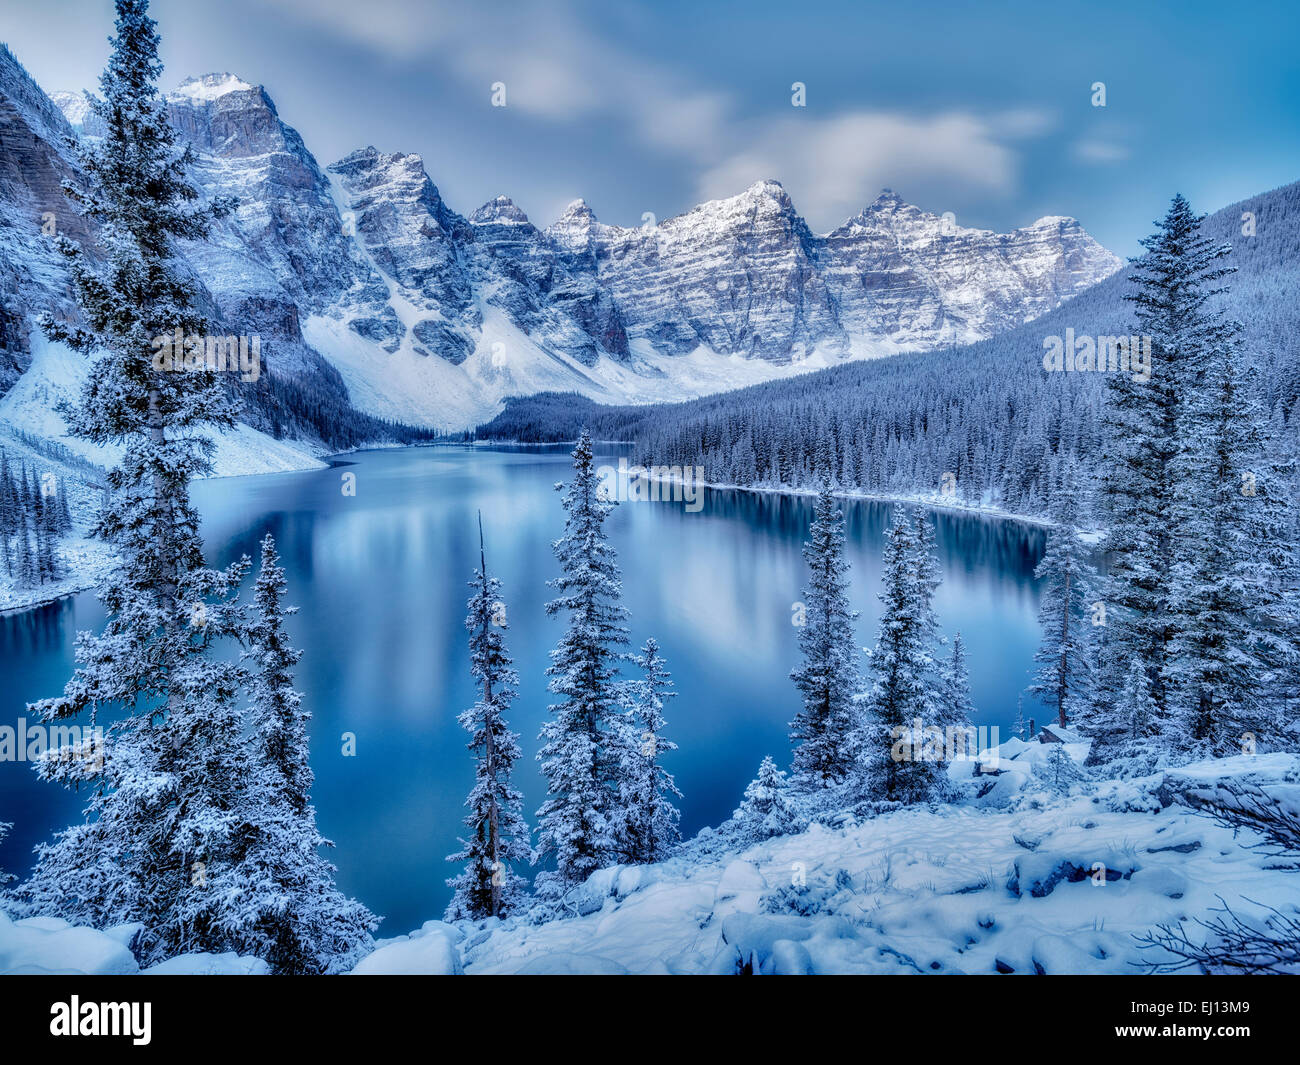 Hình Phong Cảnh Mùa Đông First-snow-of-the-season-on-moraine-lake-banff-national-park-alberta-EJ13M9